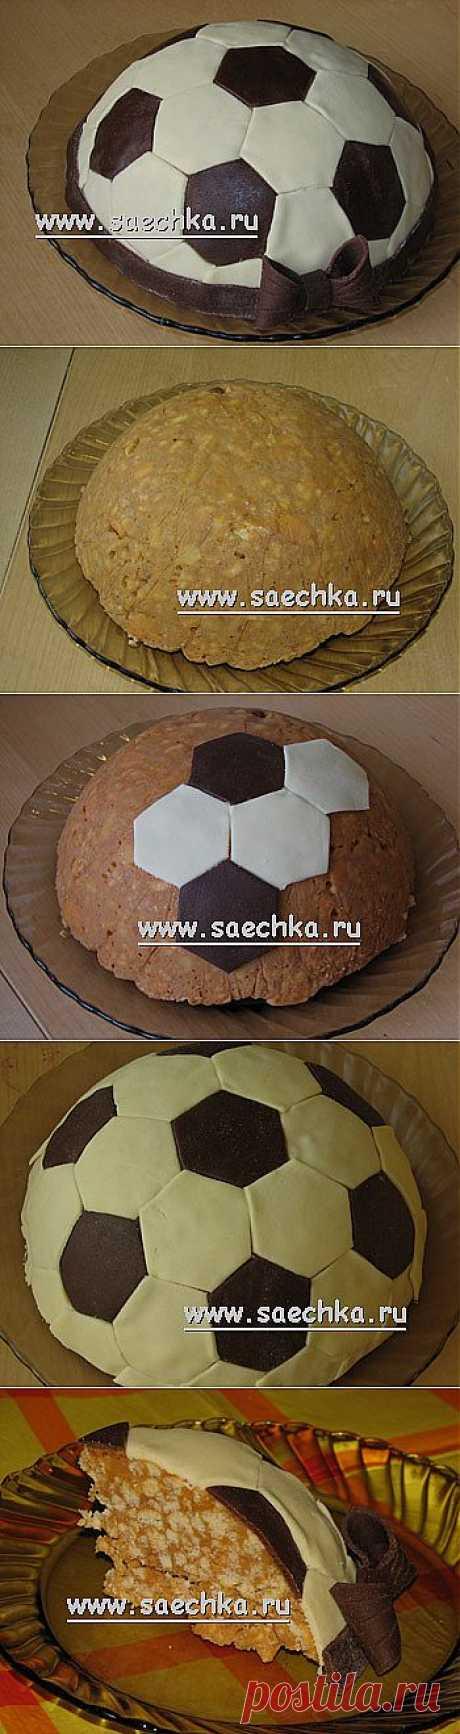 """""""Футбольный мяч&quot cake;   recipes on Saechka.Ru"""